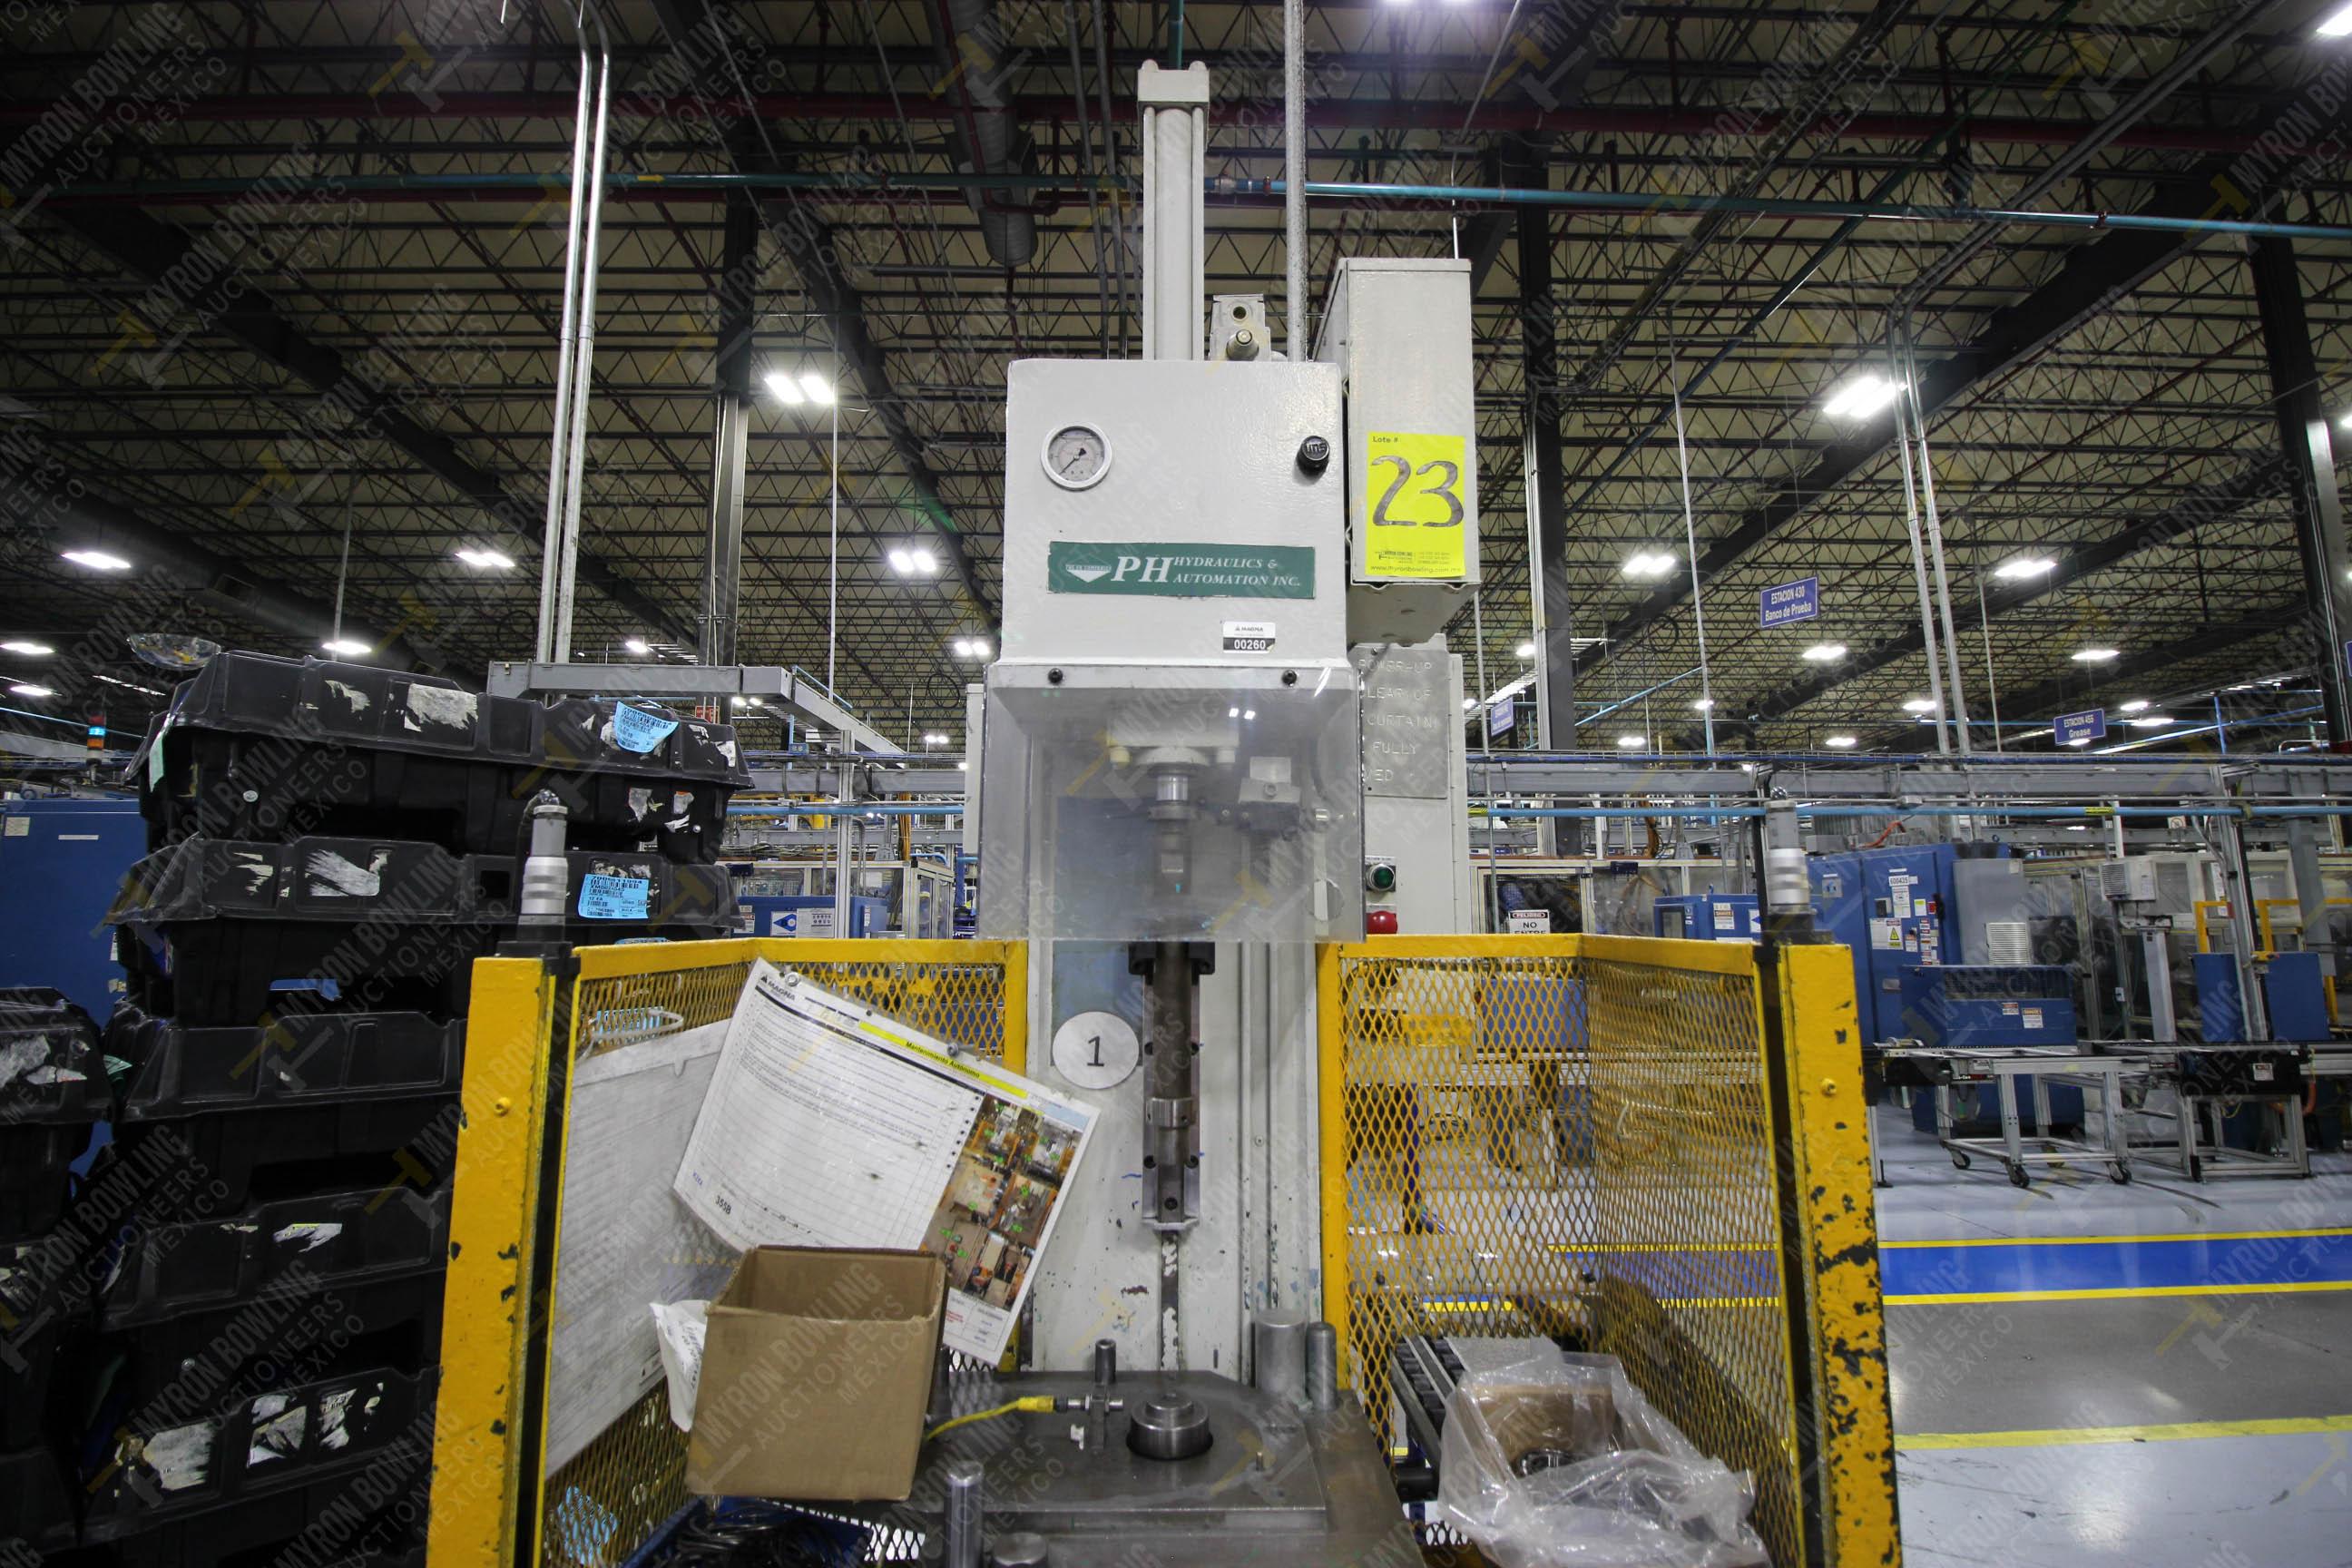 Estación semiautomática para operación 355B, contiene: Prensa tipo cuello de ganso - Image 16 of 21